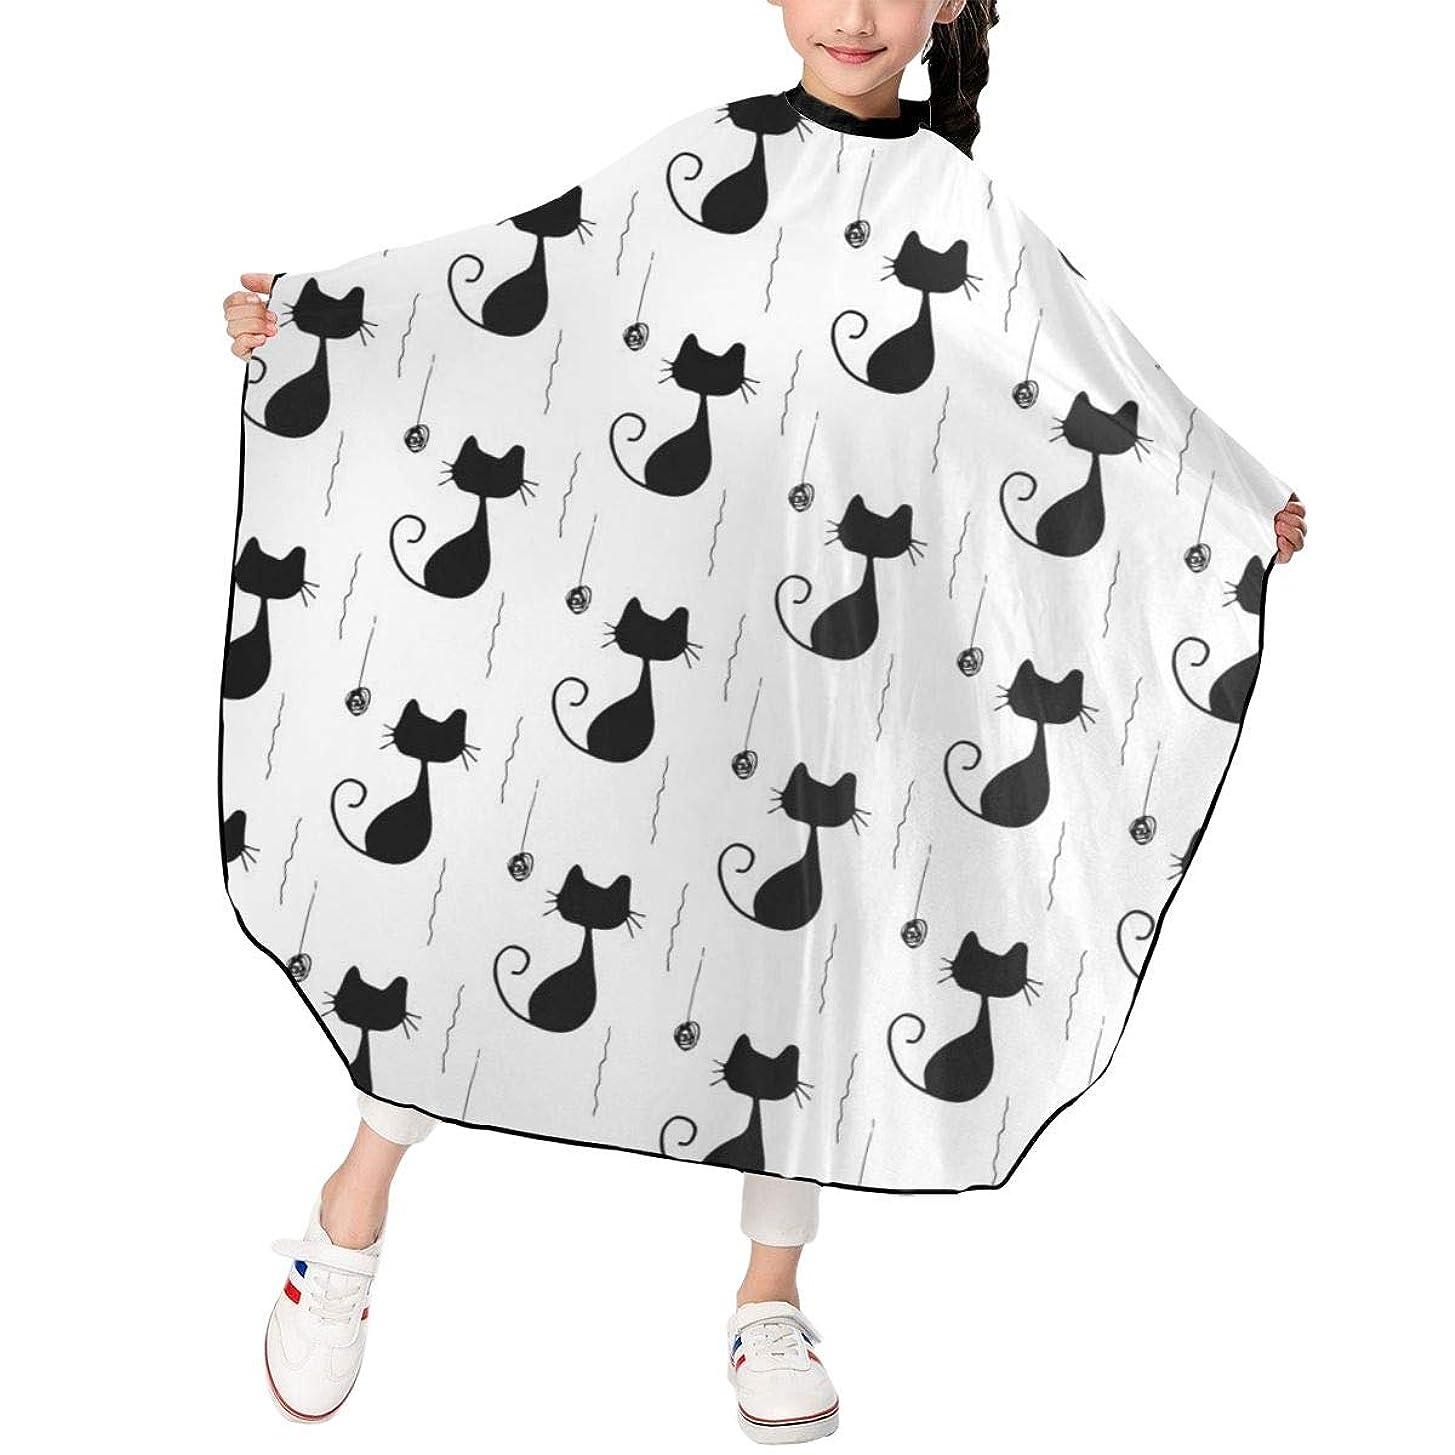 安西消化ハイキング子猫ちゃん パターン 散髪ケープ ヘアーエプロン 子供 サロン 家庭 美容院 理髪 便利 散髪マント 撥水加工 静電気防止 柔らかい 滑らか 上品 ファッション 男女兼用 ギフト